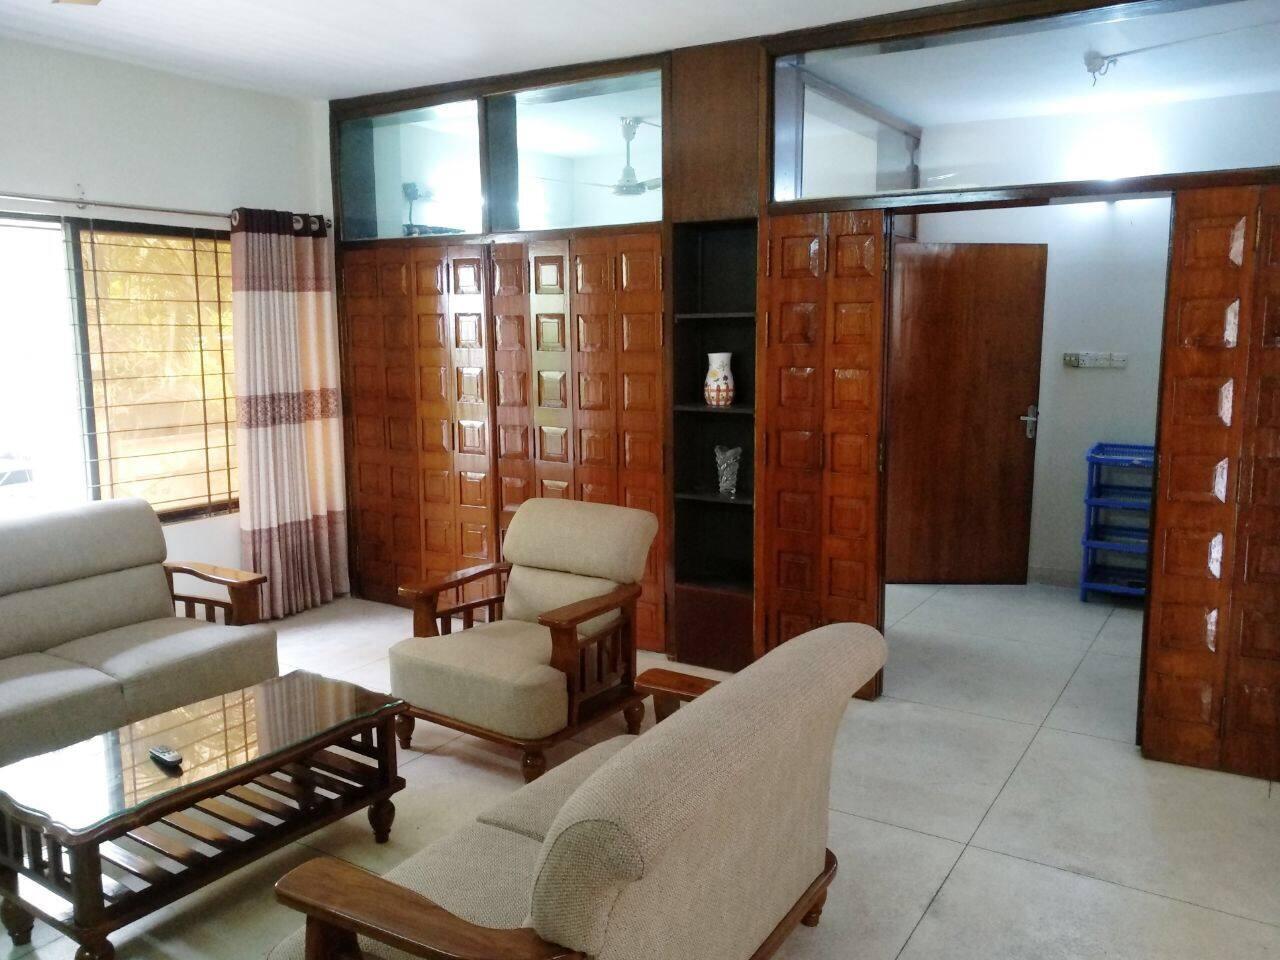 3 Room Flat 3 bed flat at old dohs, banani, dhaka, bangladesh